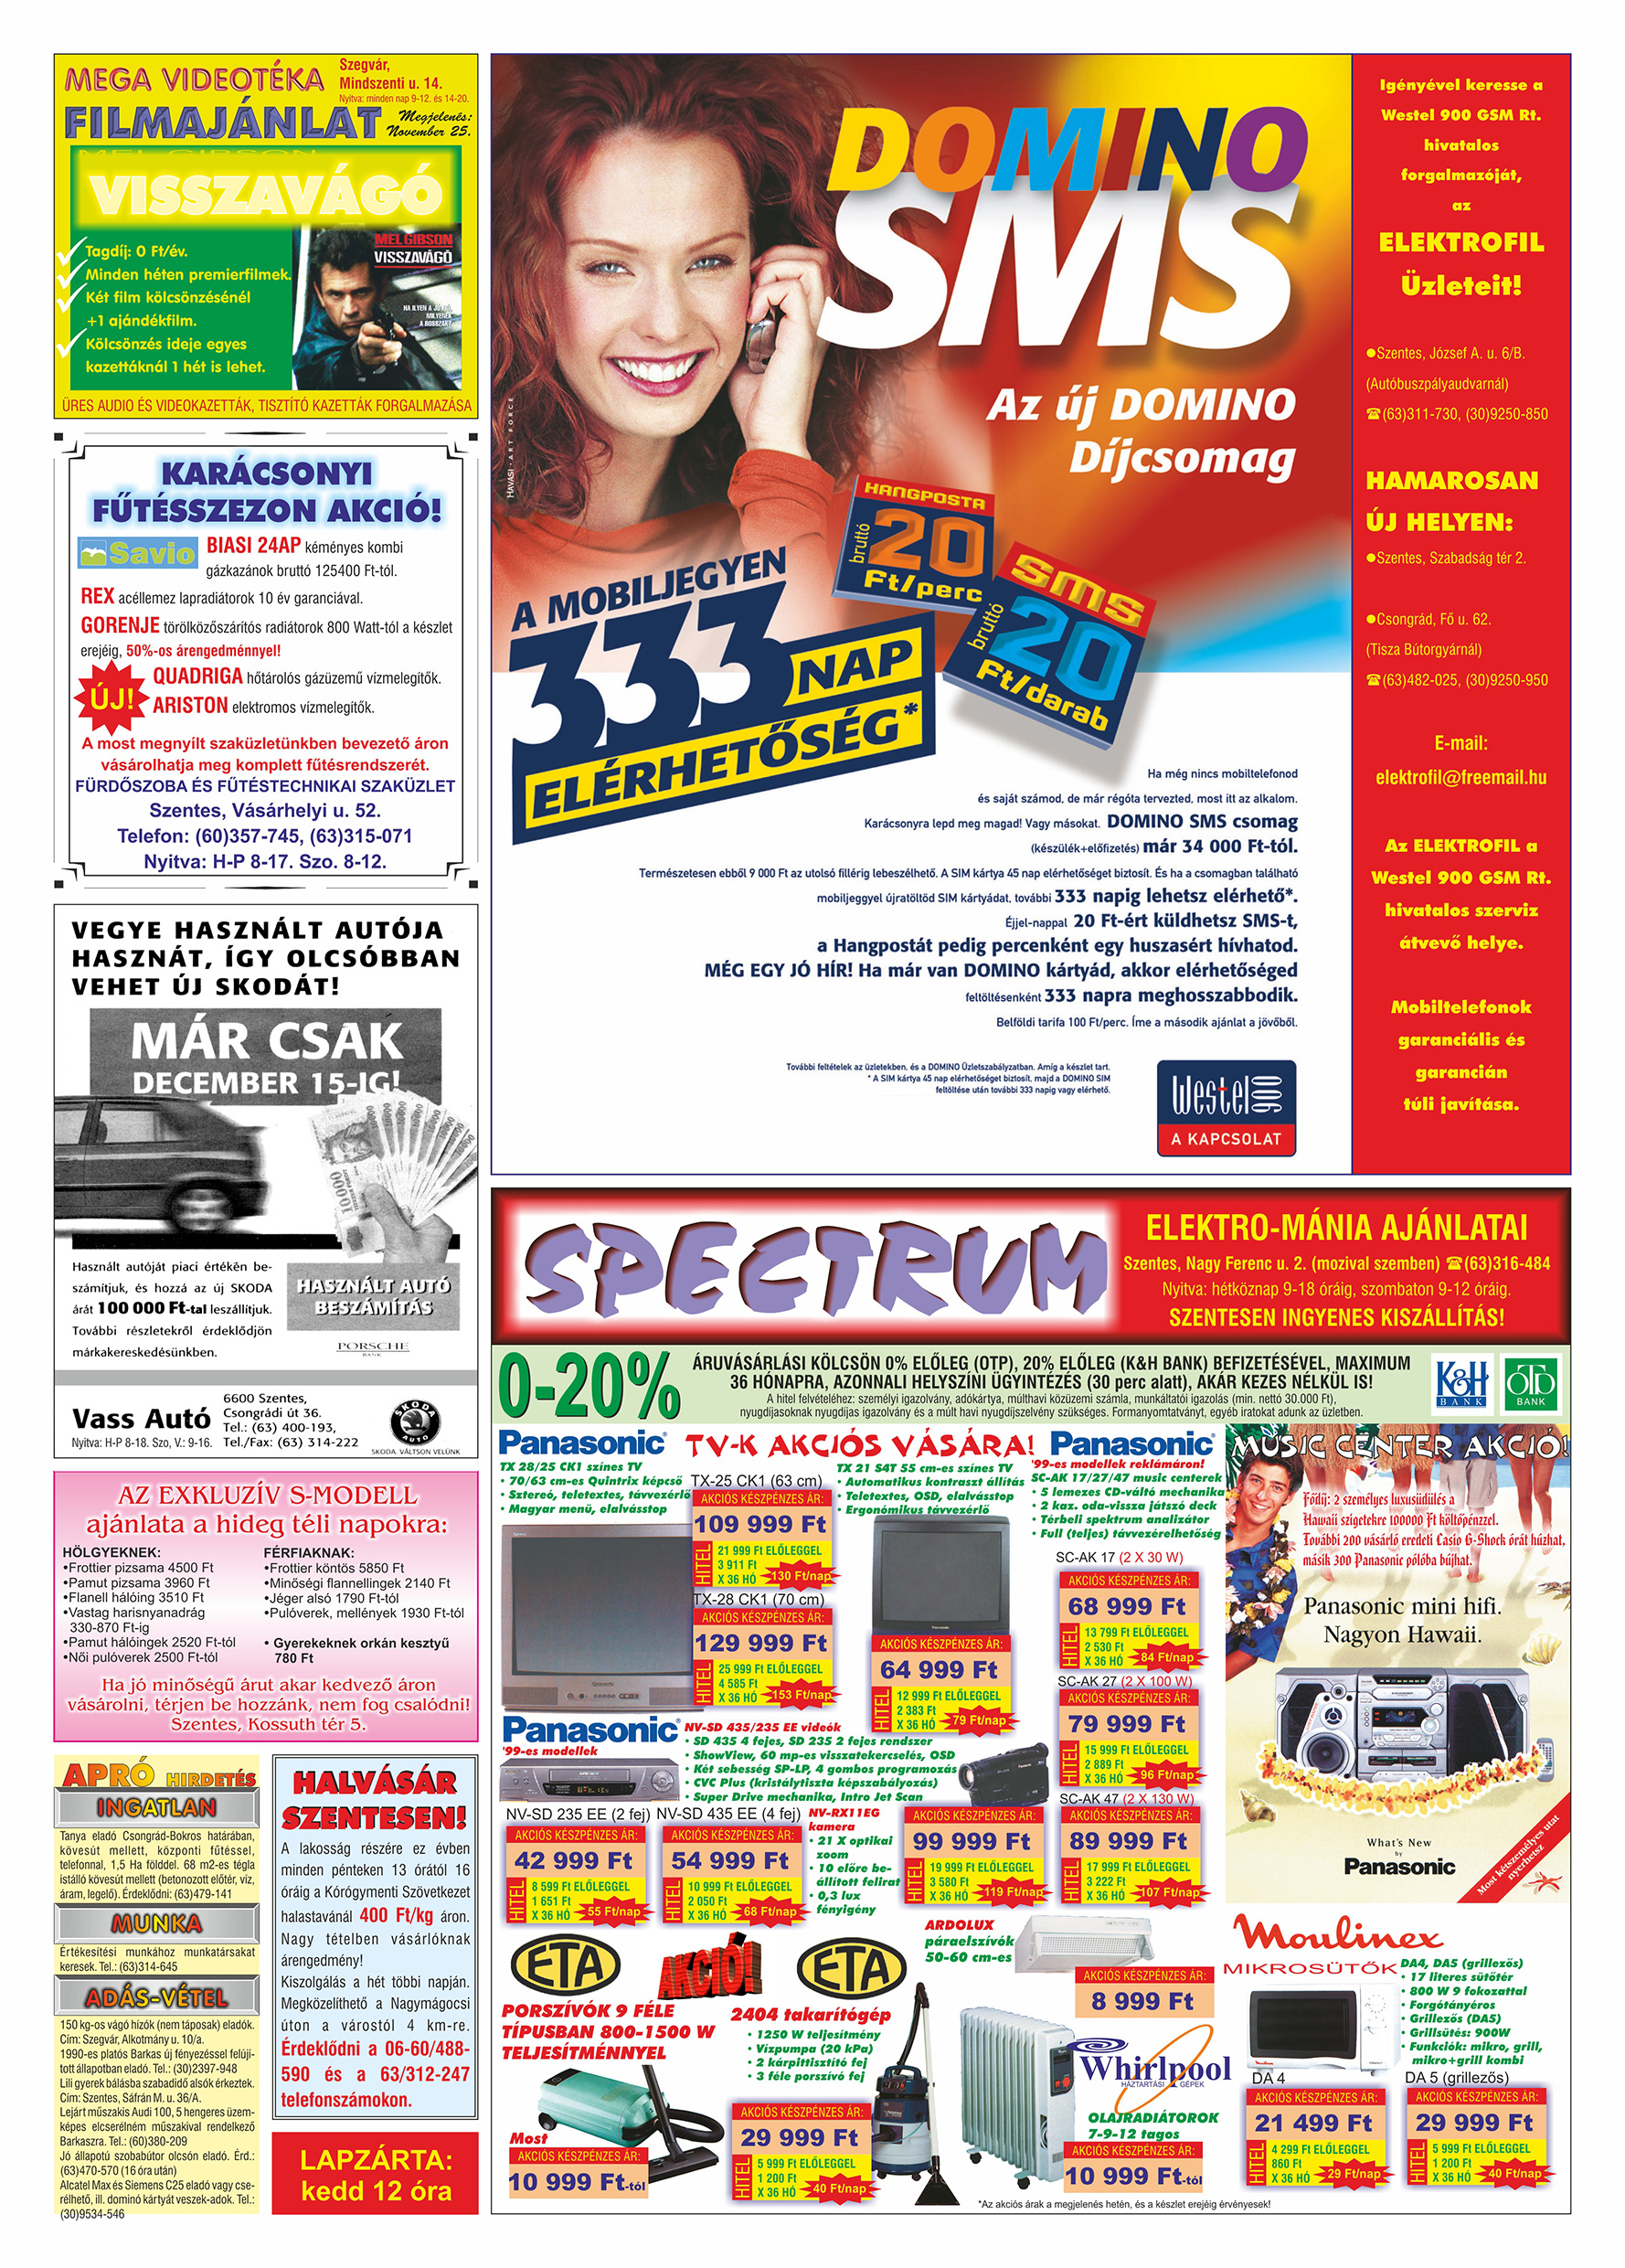 074 Tuti Tipp Extra reklámújság - 19991127-023. lapszám - 2.oldal - V. évfolyam.jpg